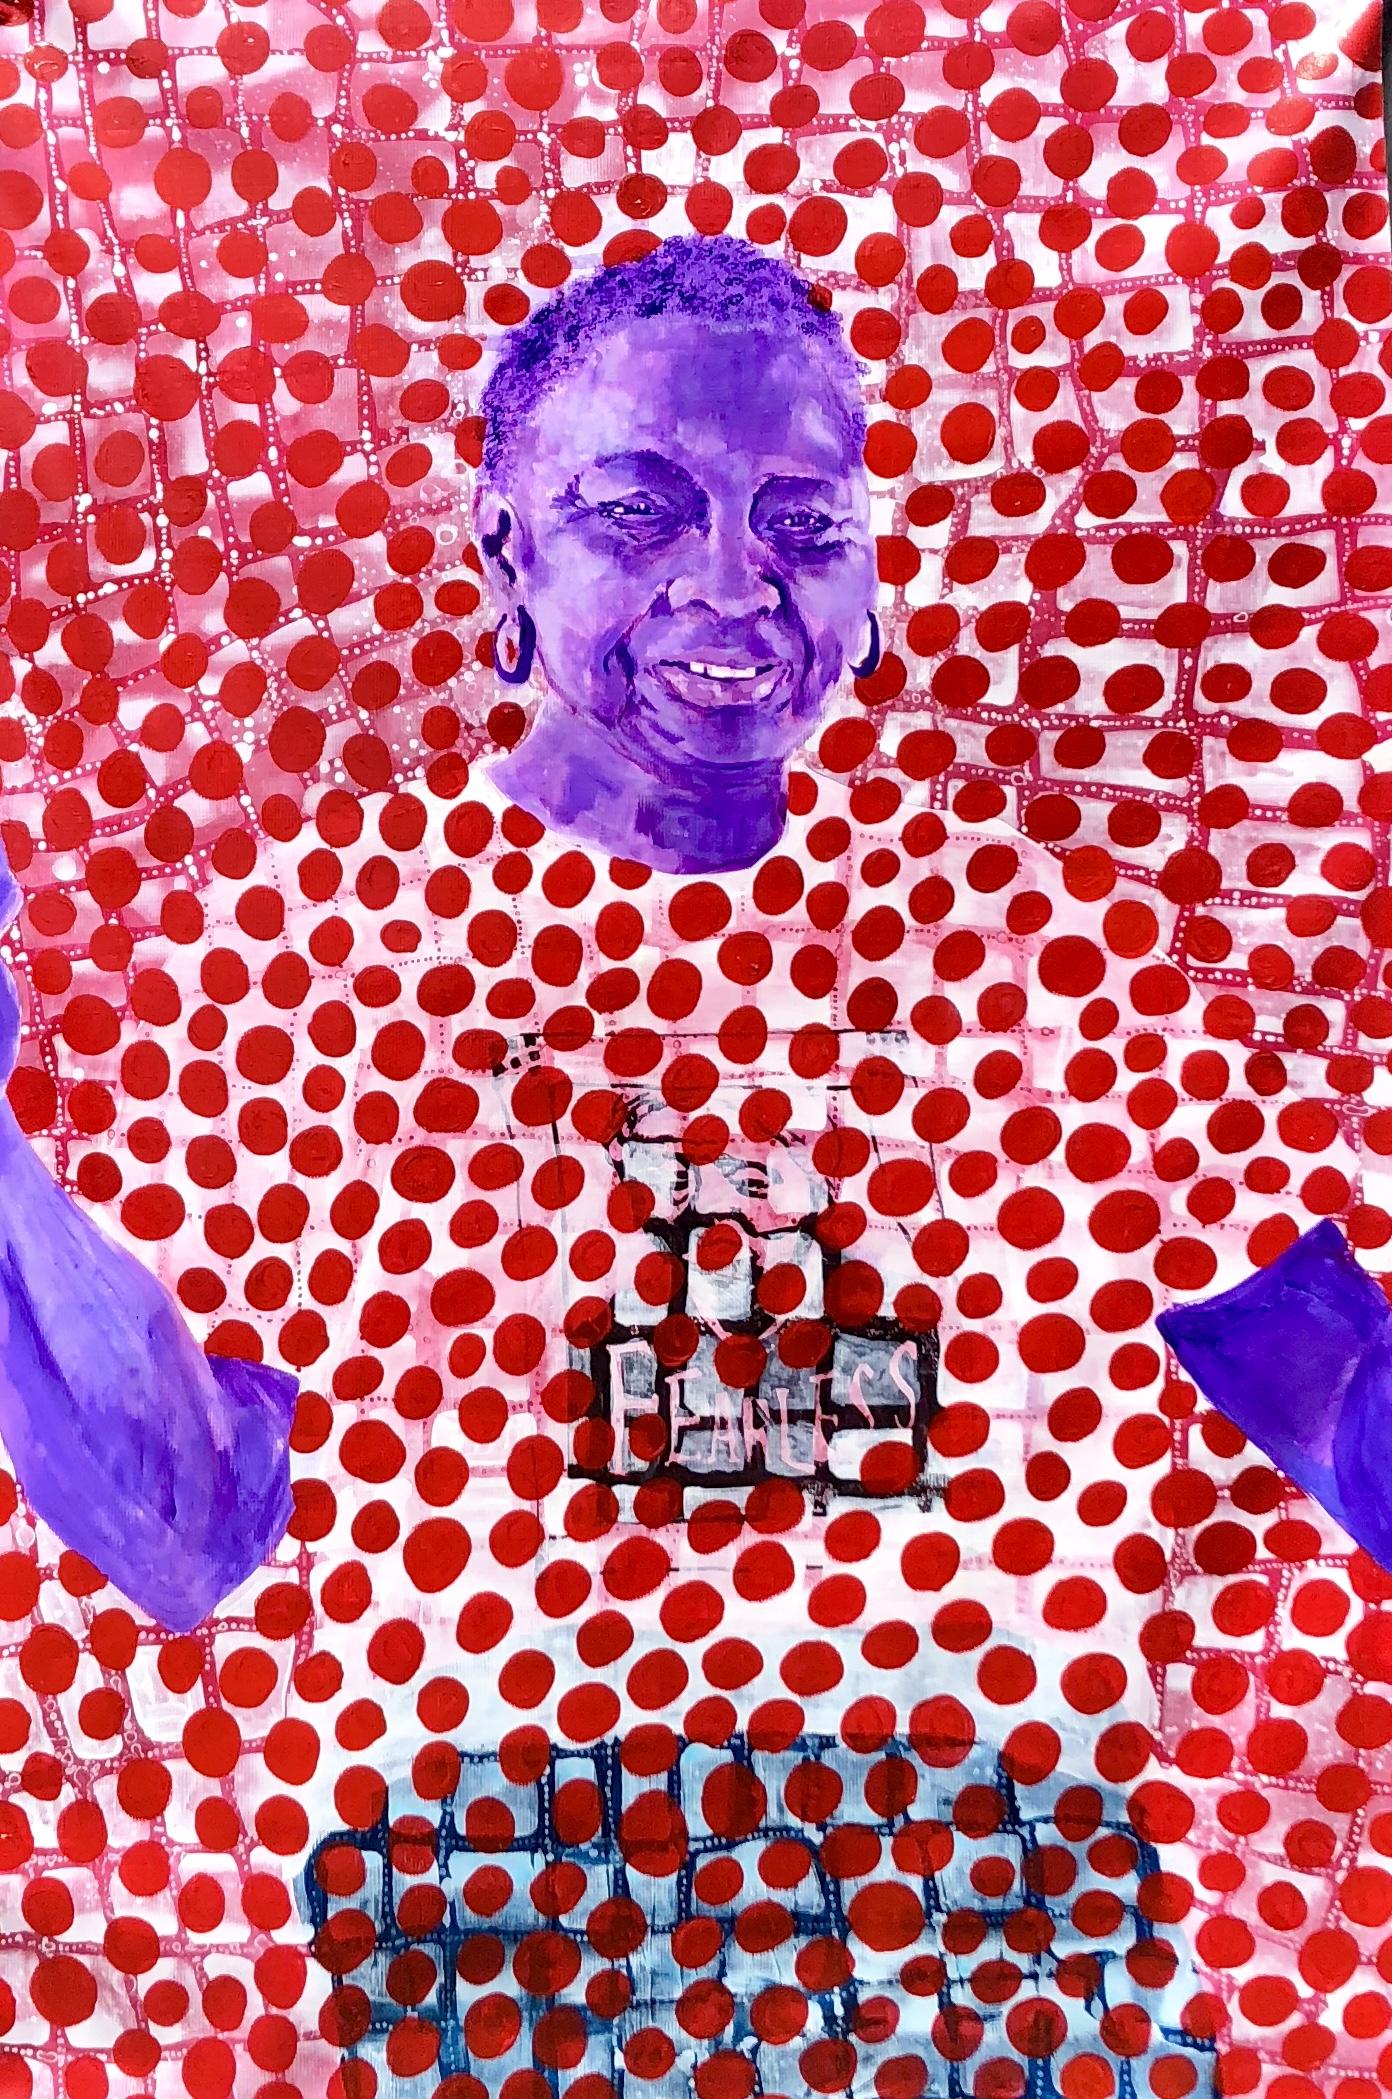 Ms. Sherie -- Betye Saar -- Personae, 1996, Wood, bone, ceramic, metal and glass